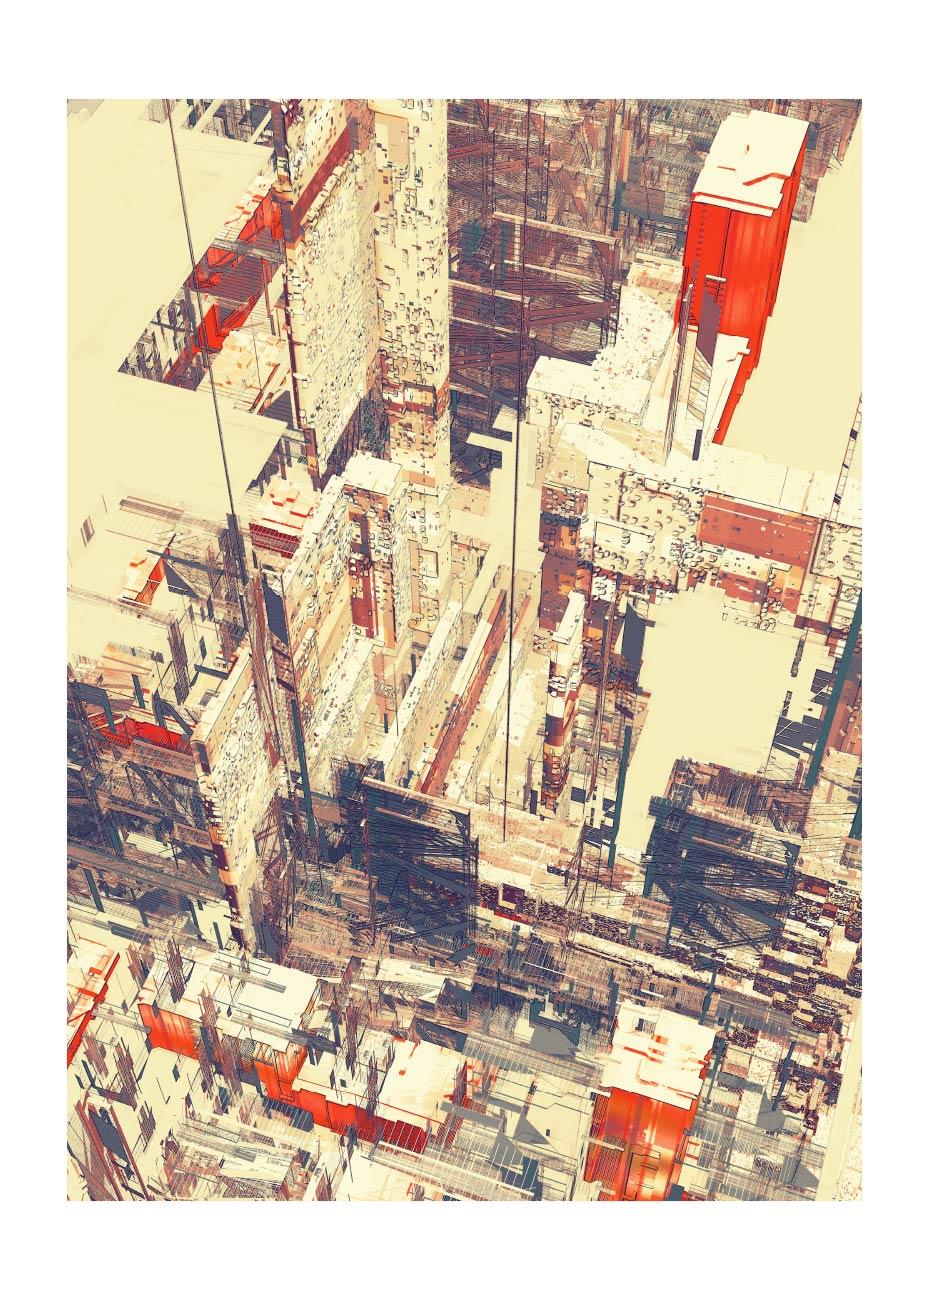 CITIES II 01